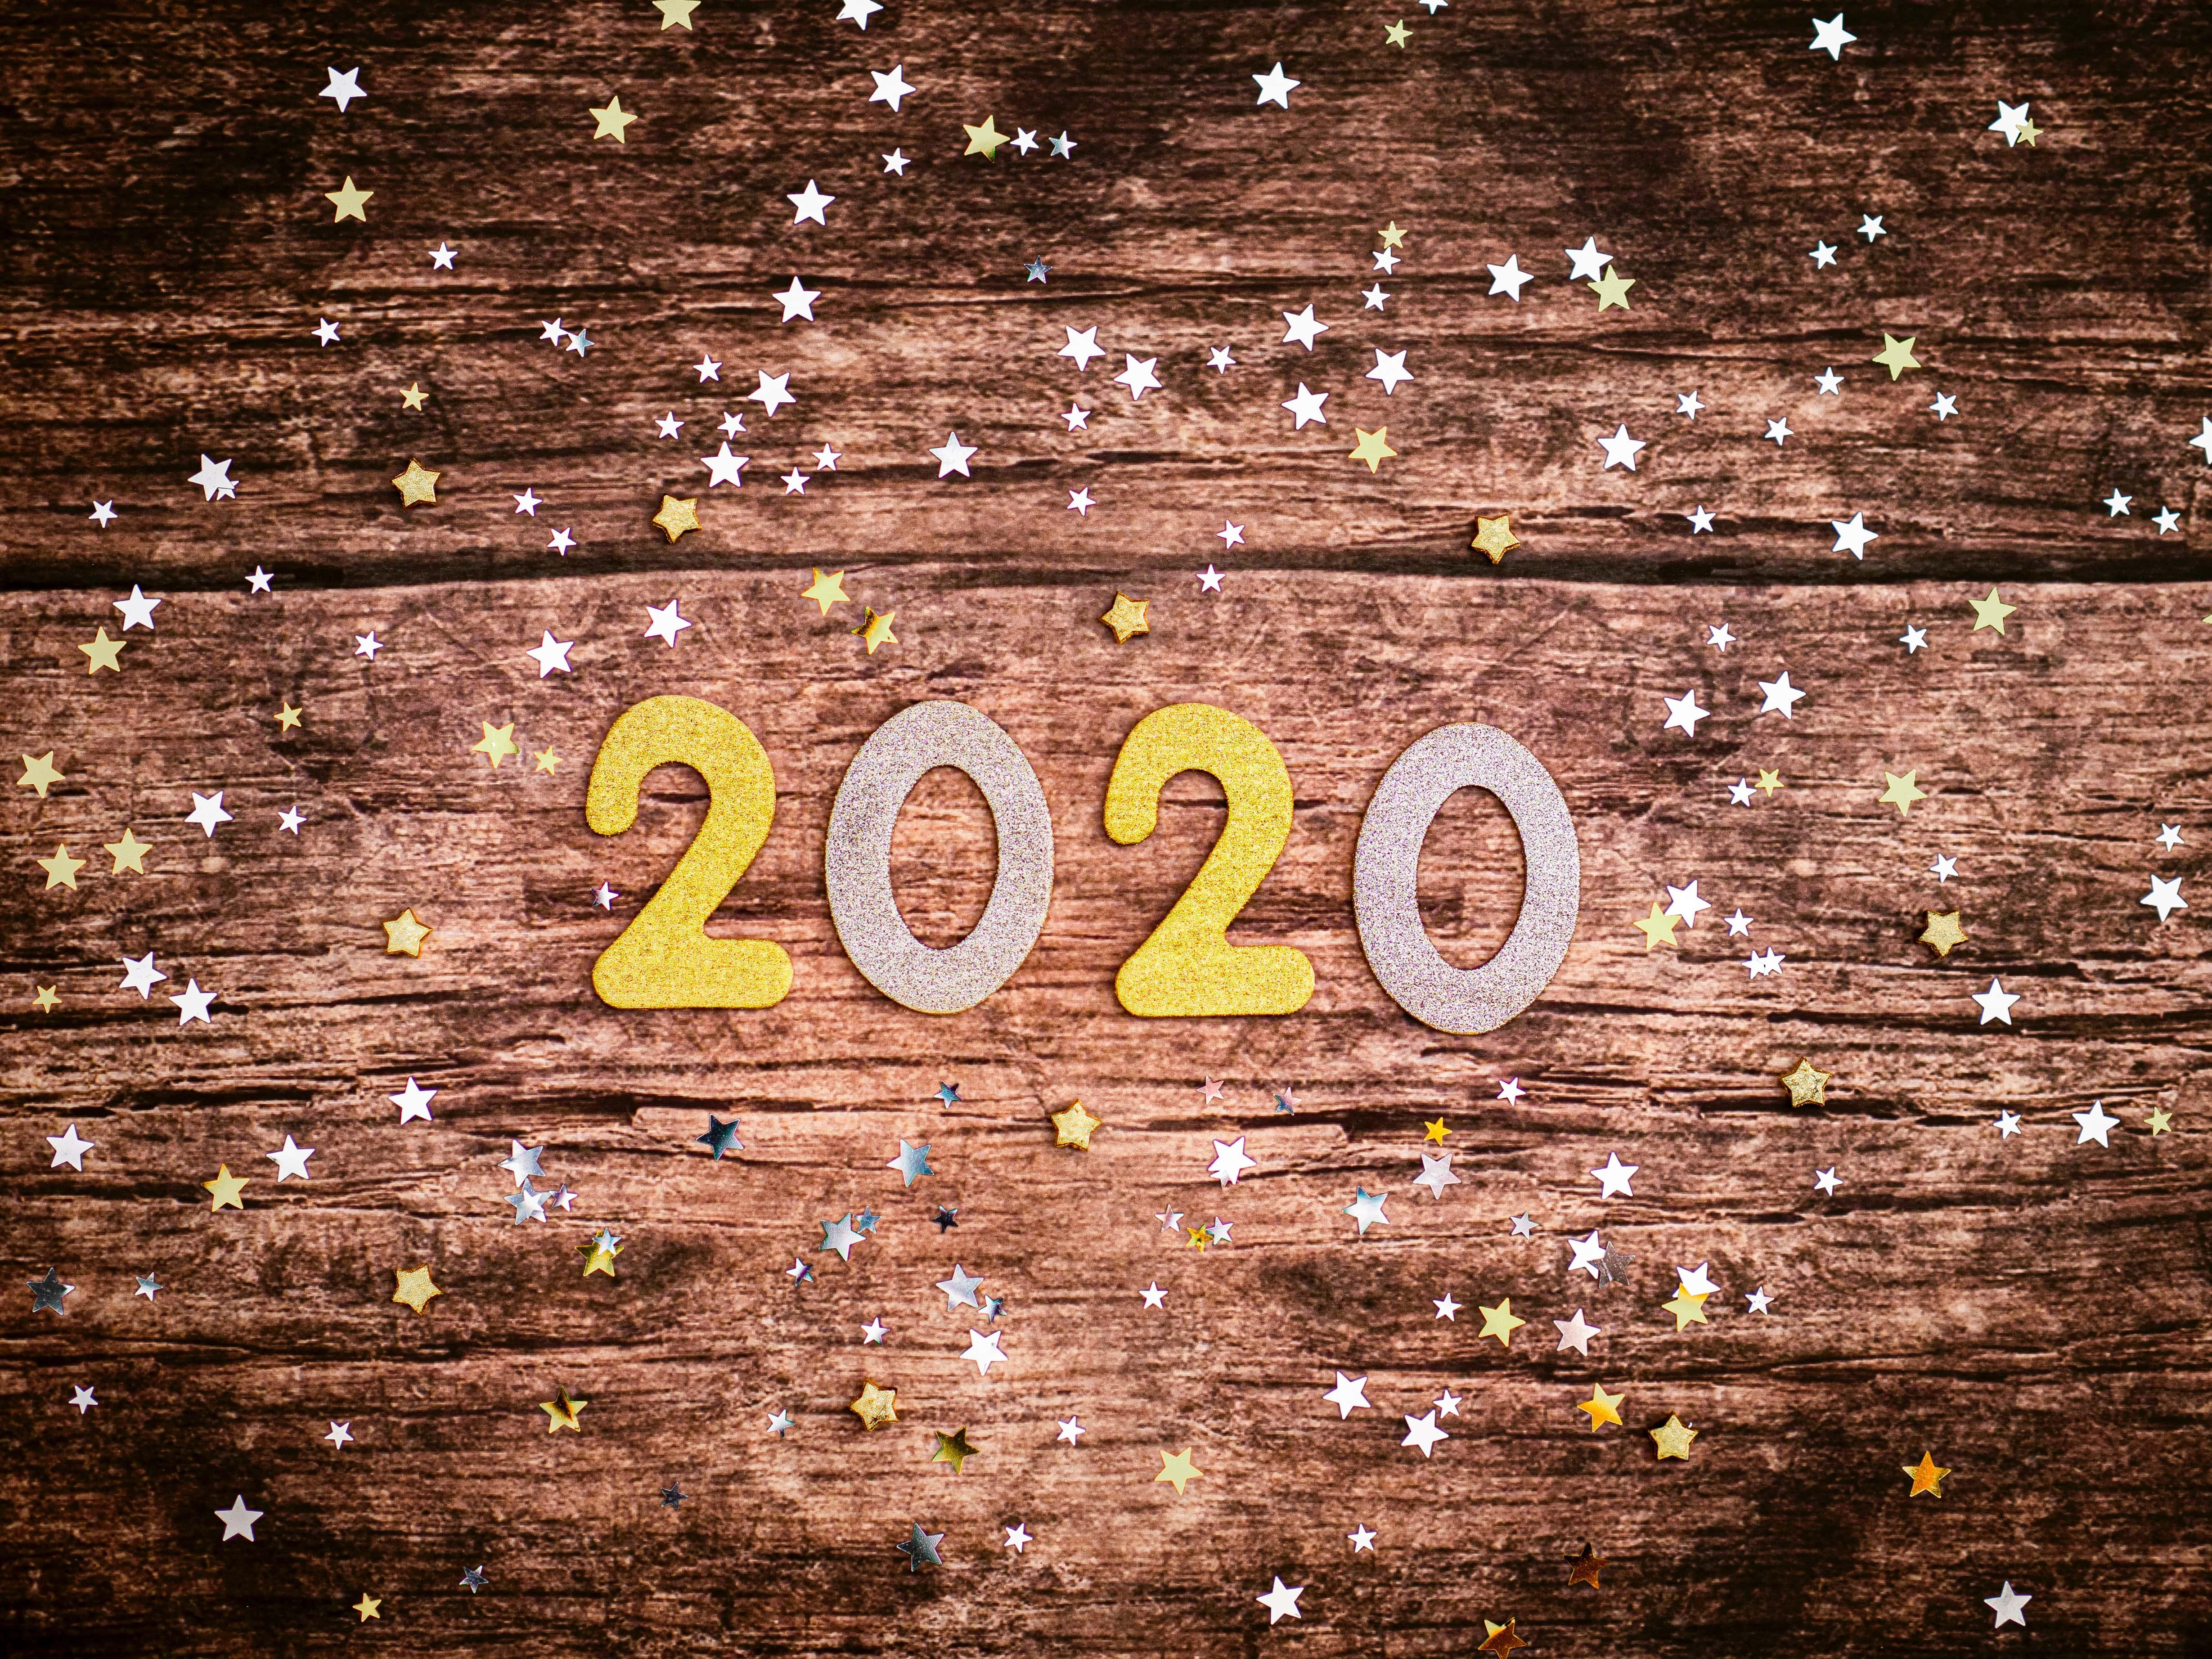 2020: le domande da porsi per affrontare il nuovo anno